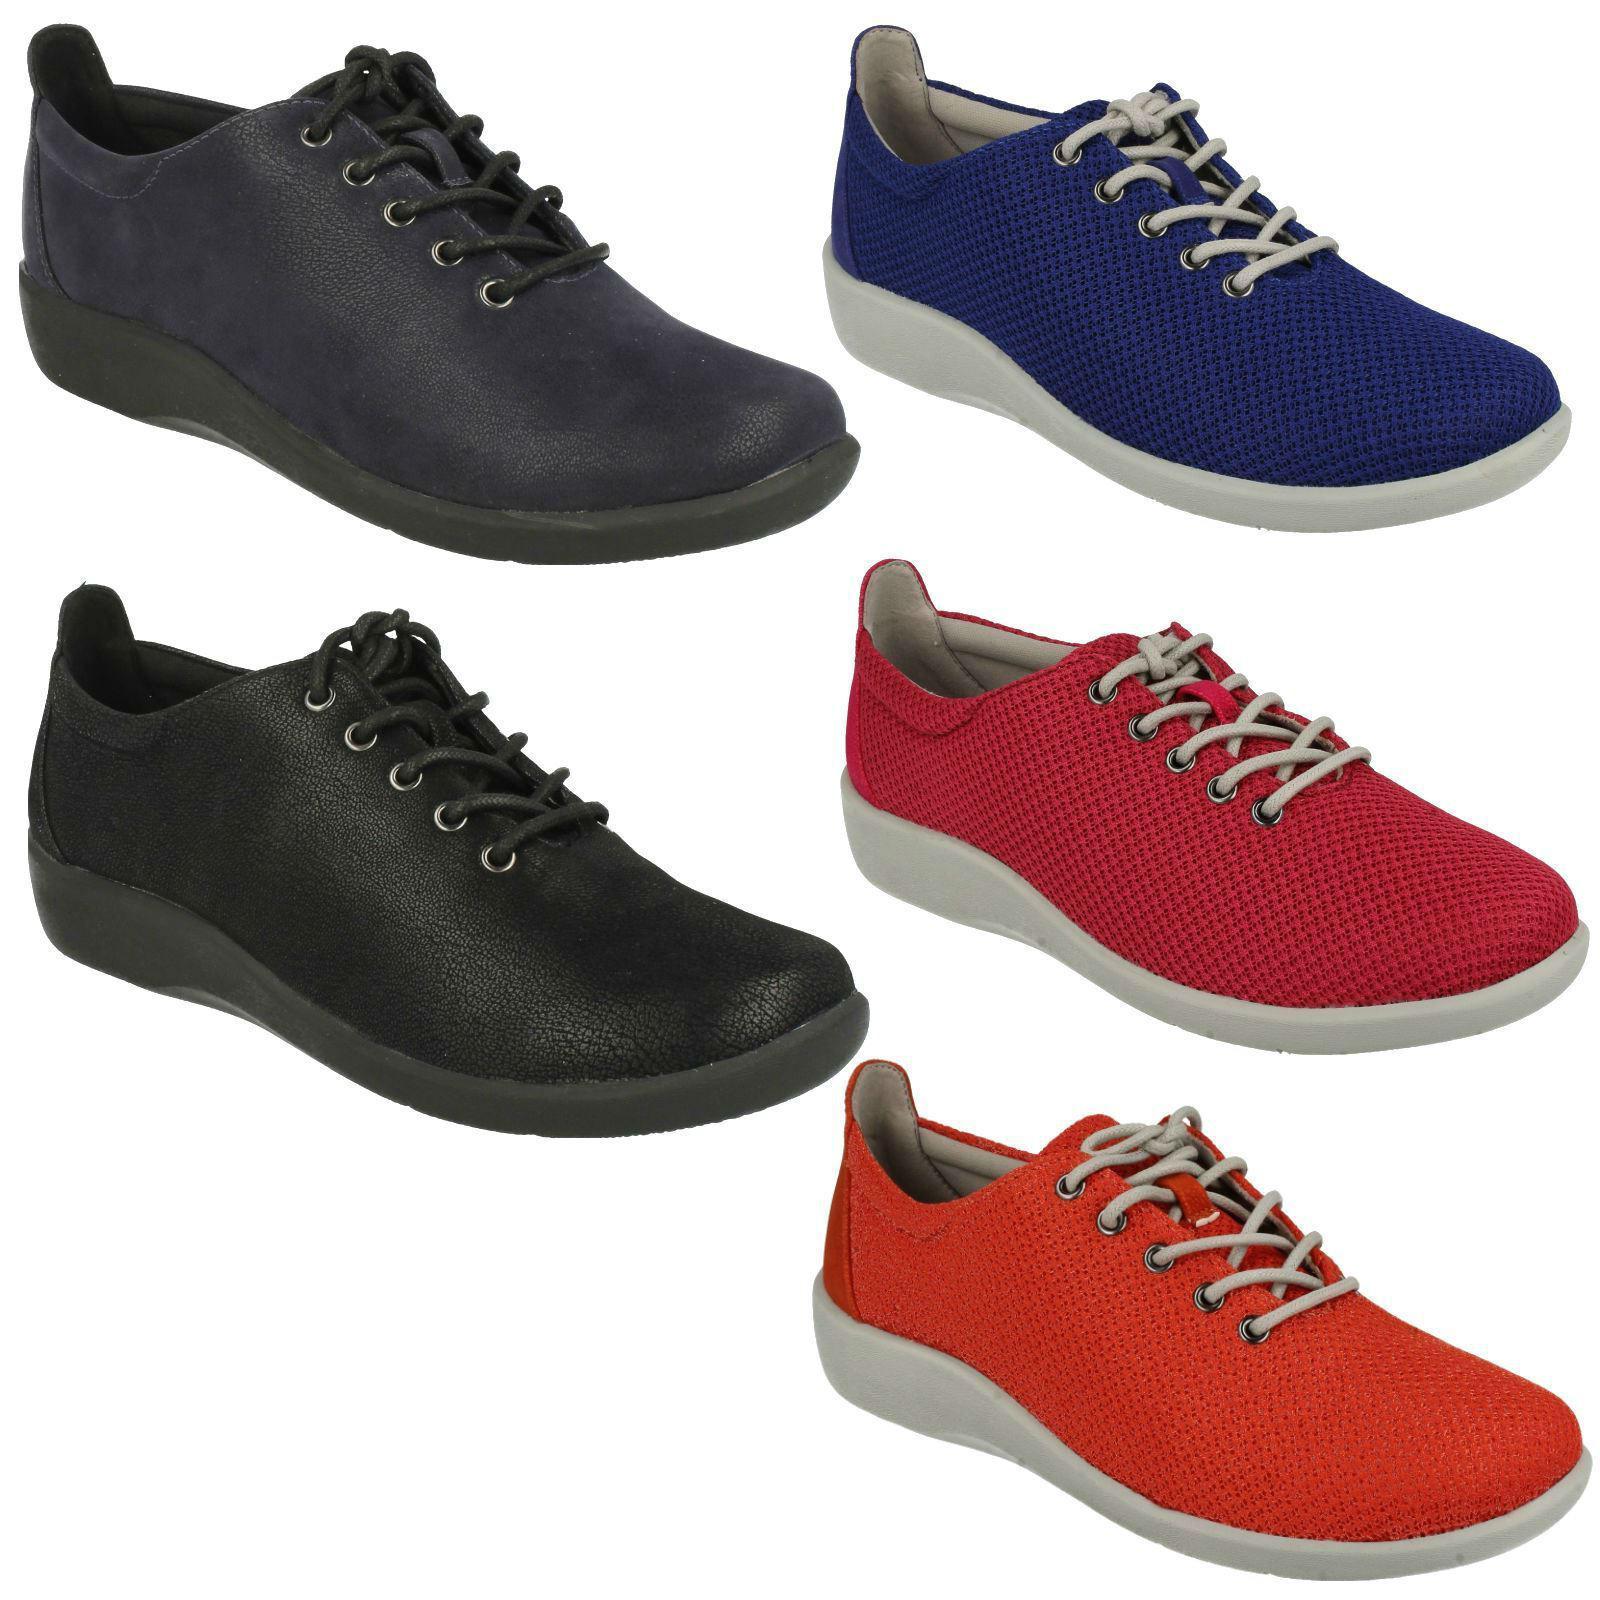 Sillian Tino Damas Clarks Zapatos Con Cordones Plana Plana Plana Informal Zapatillas Talla Pantalones  forma única